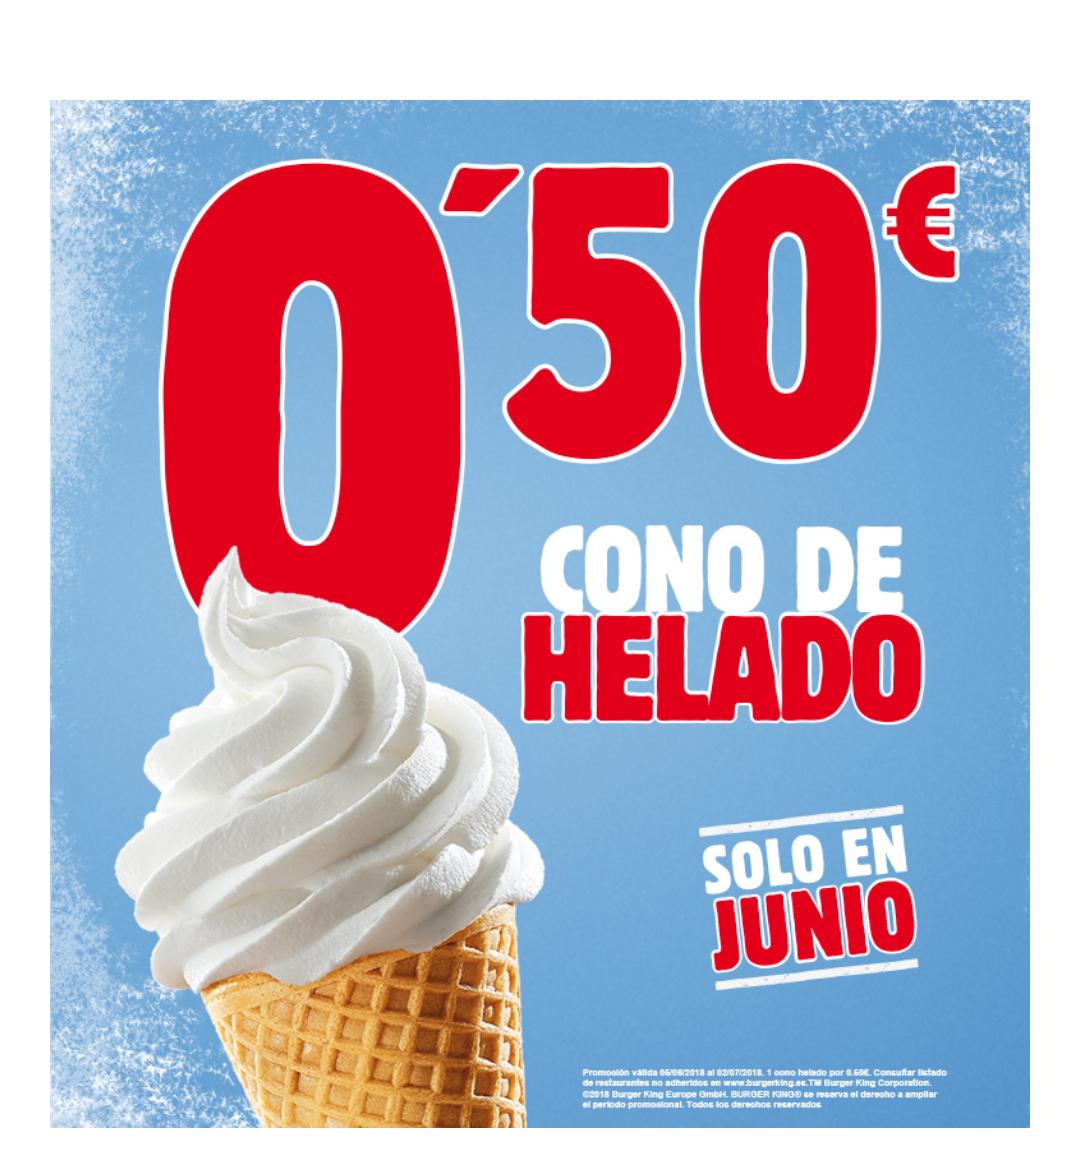 Cono de helado por 50 céntimos y todos sabemos lo rico que están.